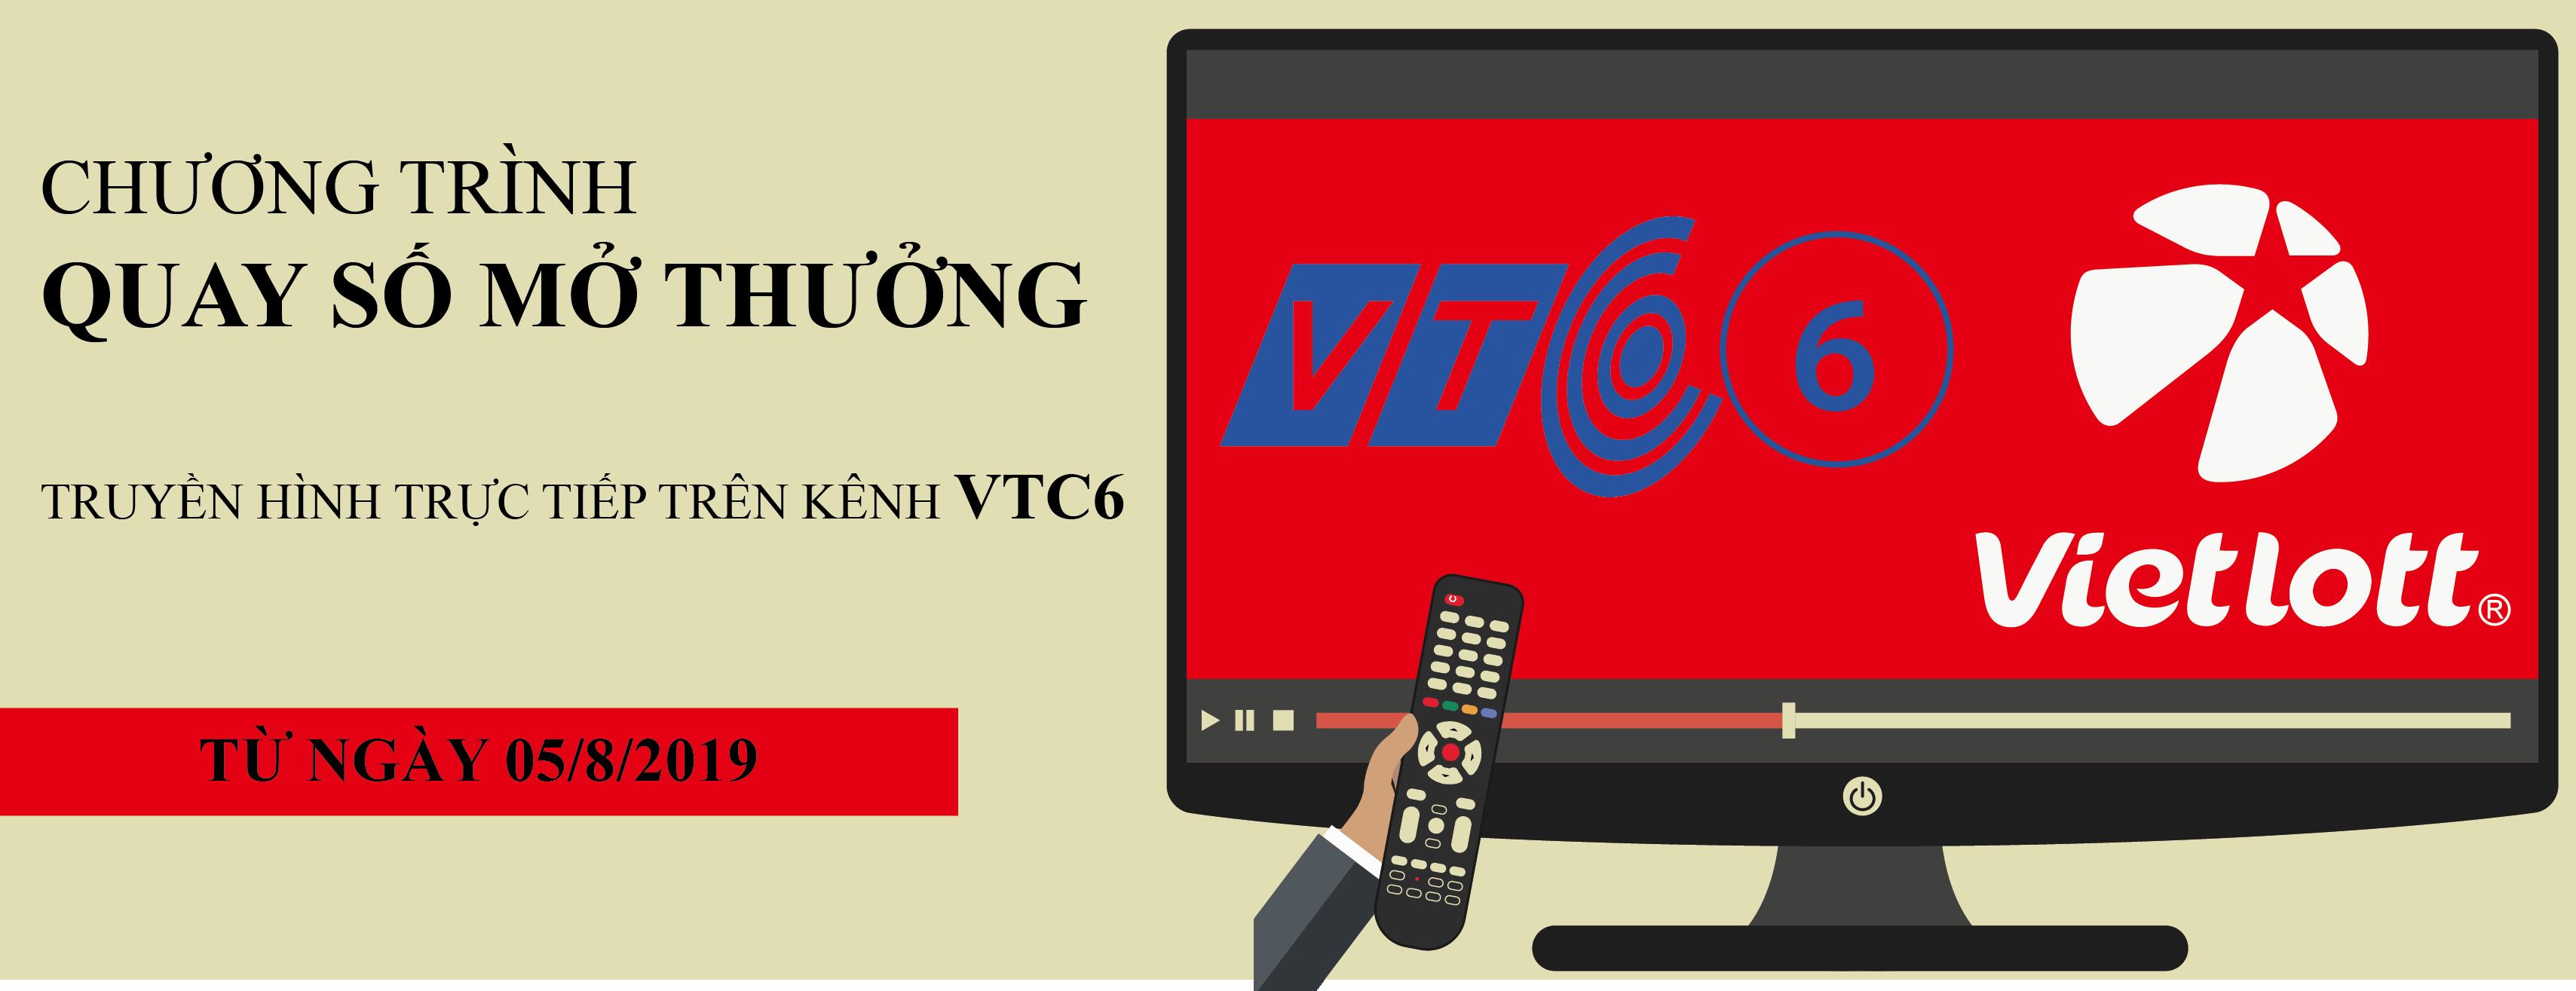 Chuyển Chương trình QSMT Vietlott sang VTC6